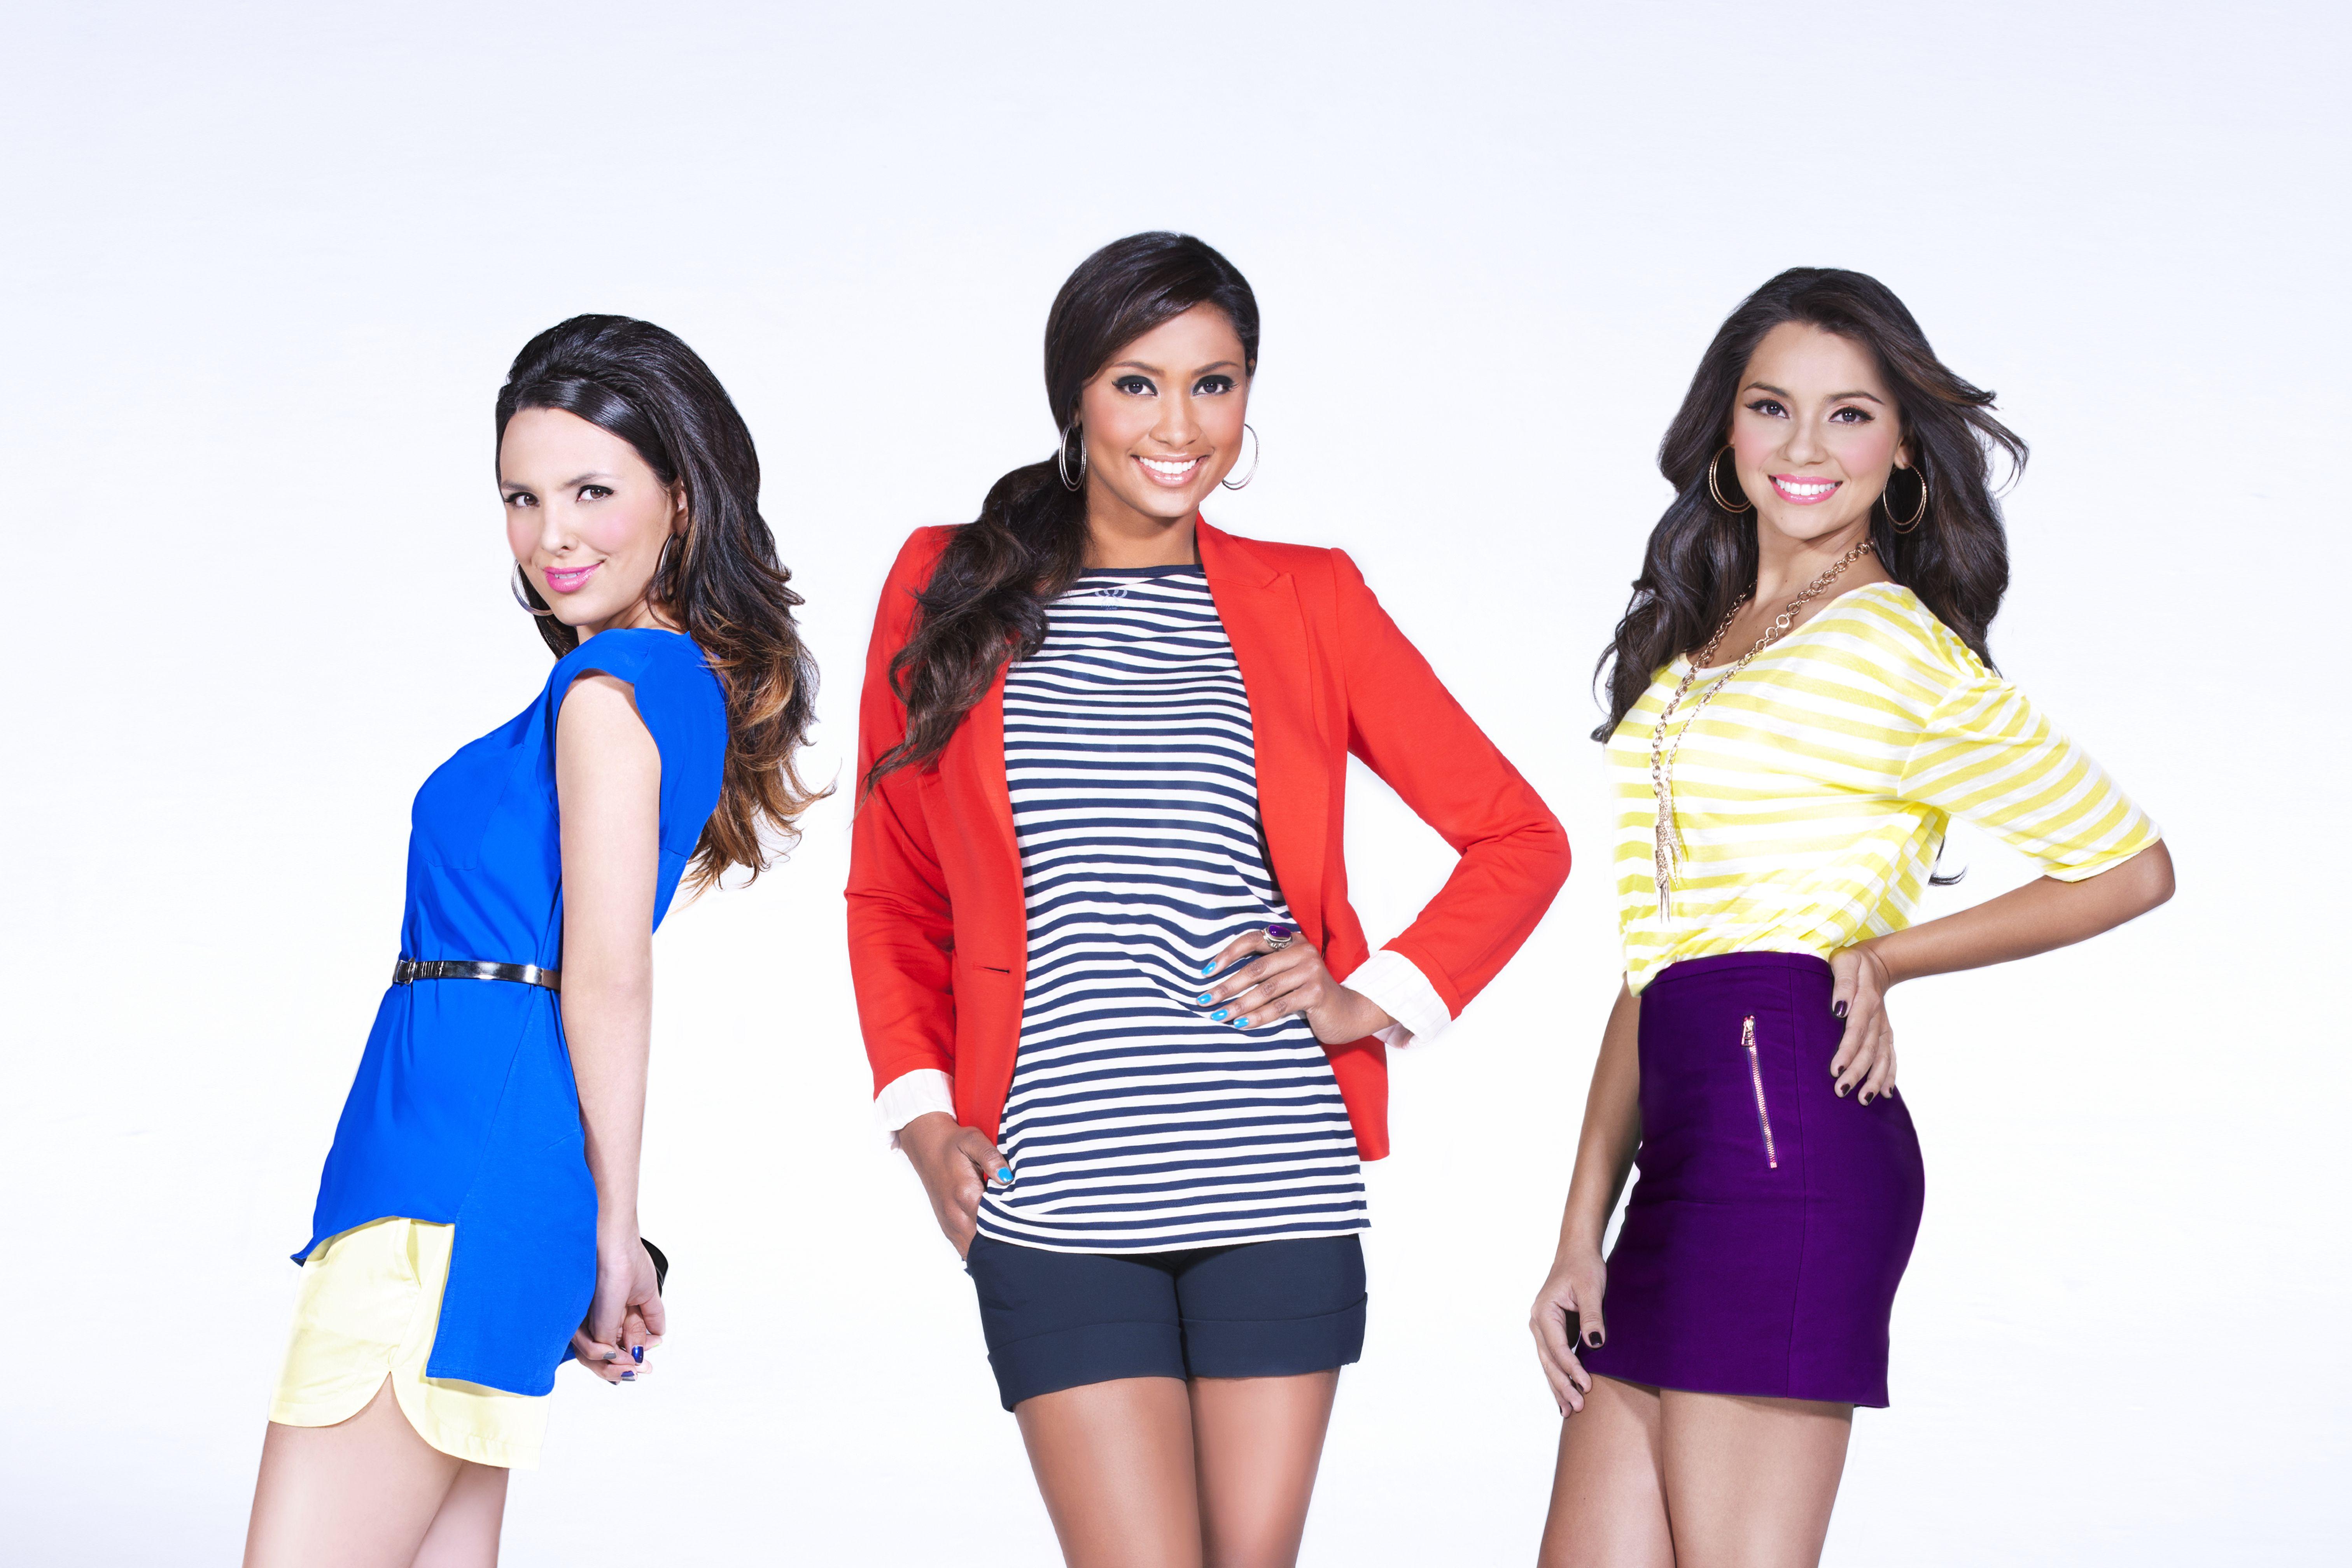 Ellas tres fueron las finalistas de Chica E! Colombia. ¡Sé la próxima!